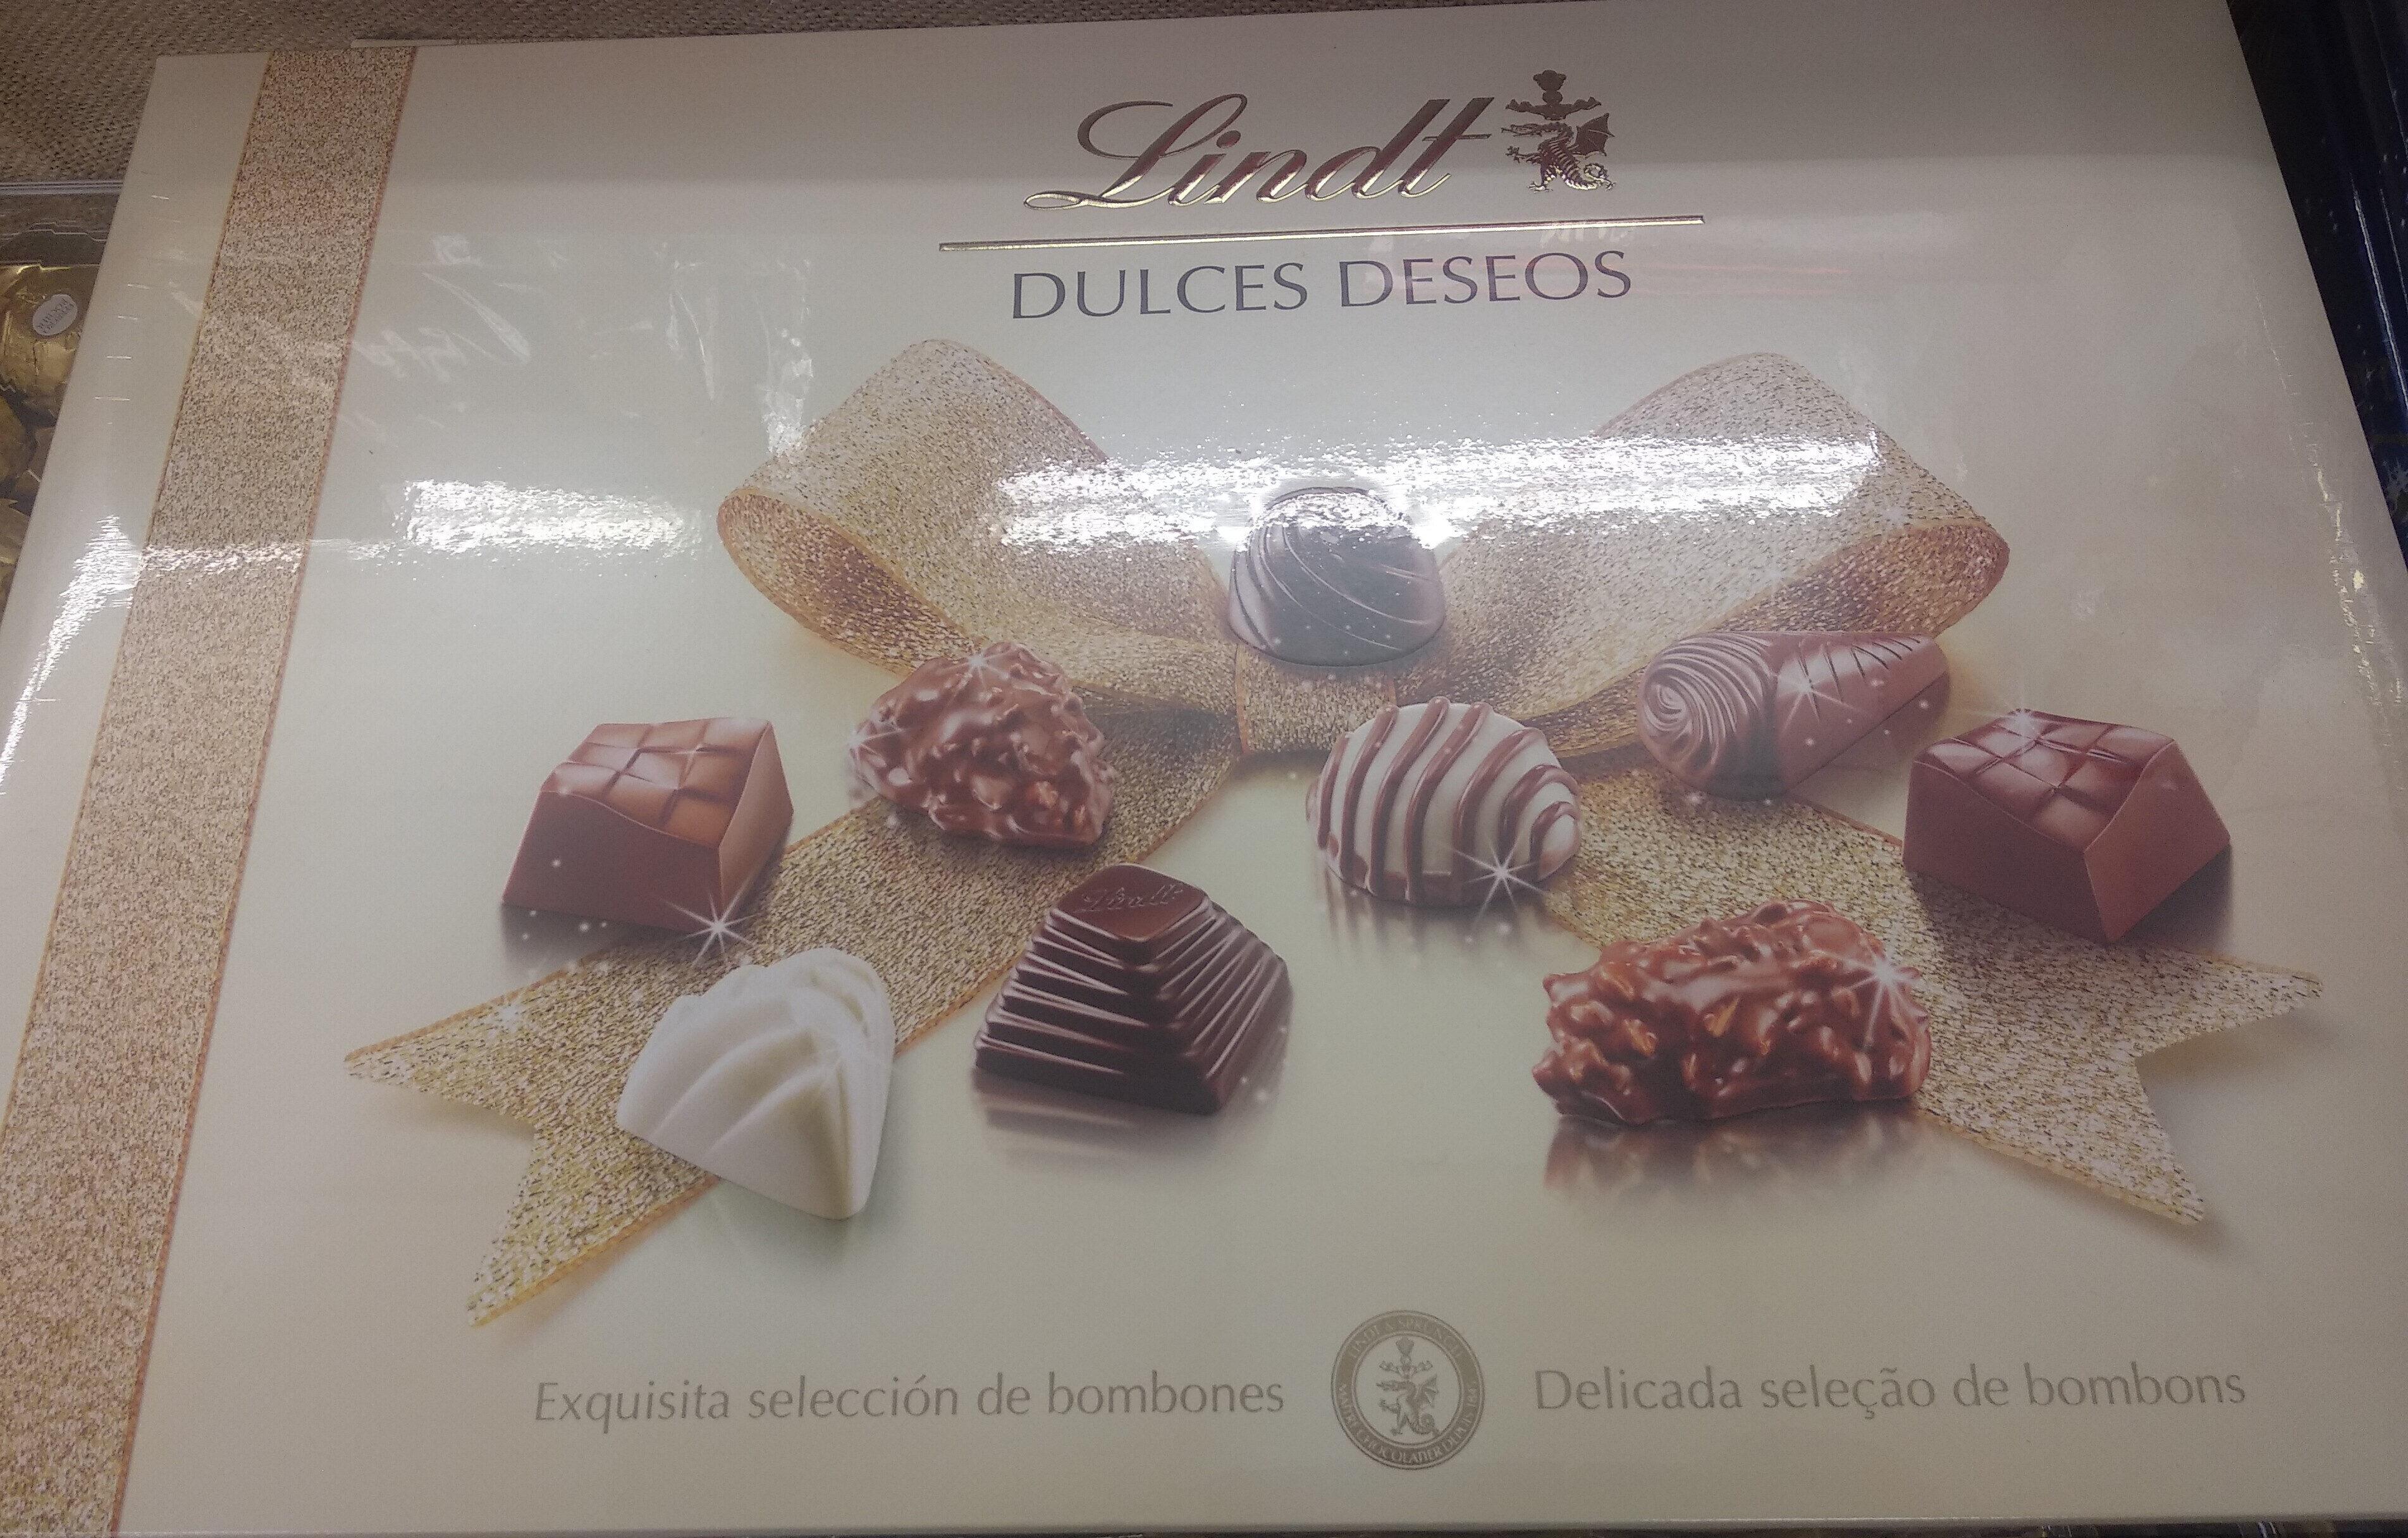 Bombones Lindt Dulces Deseos 345G - Produit - es